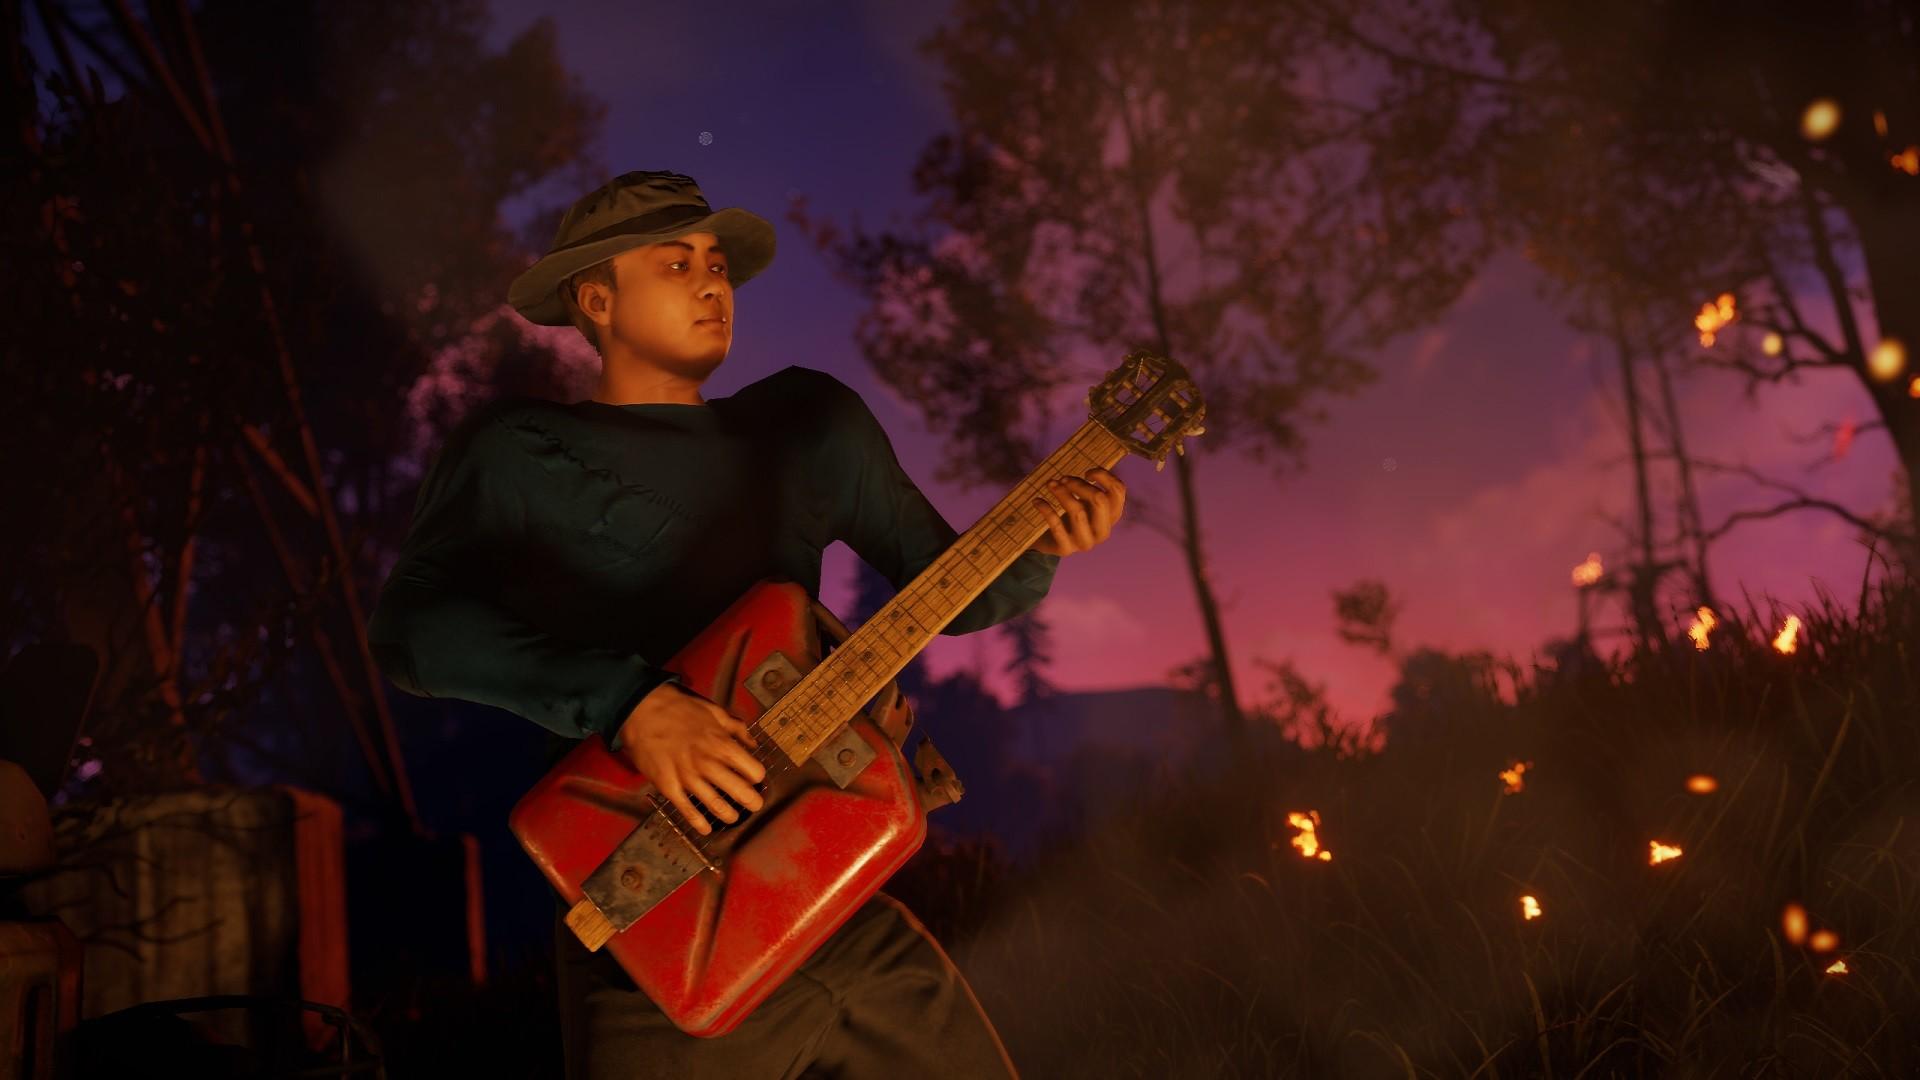 Музыкальные инструменты - Rust